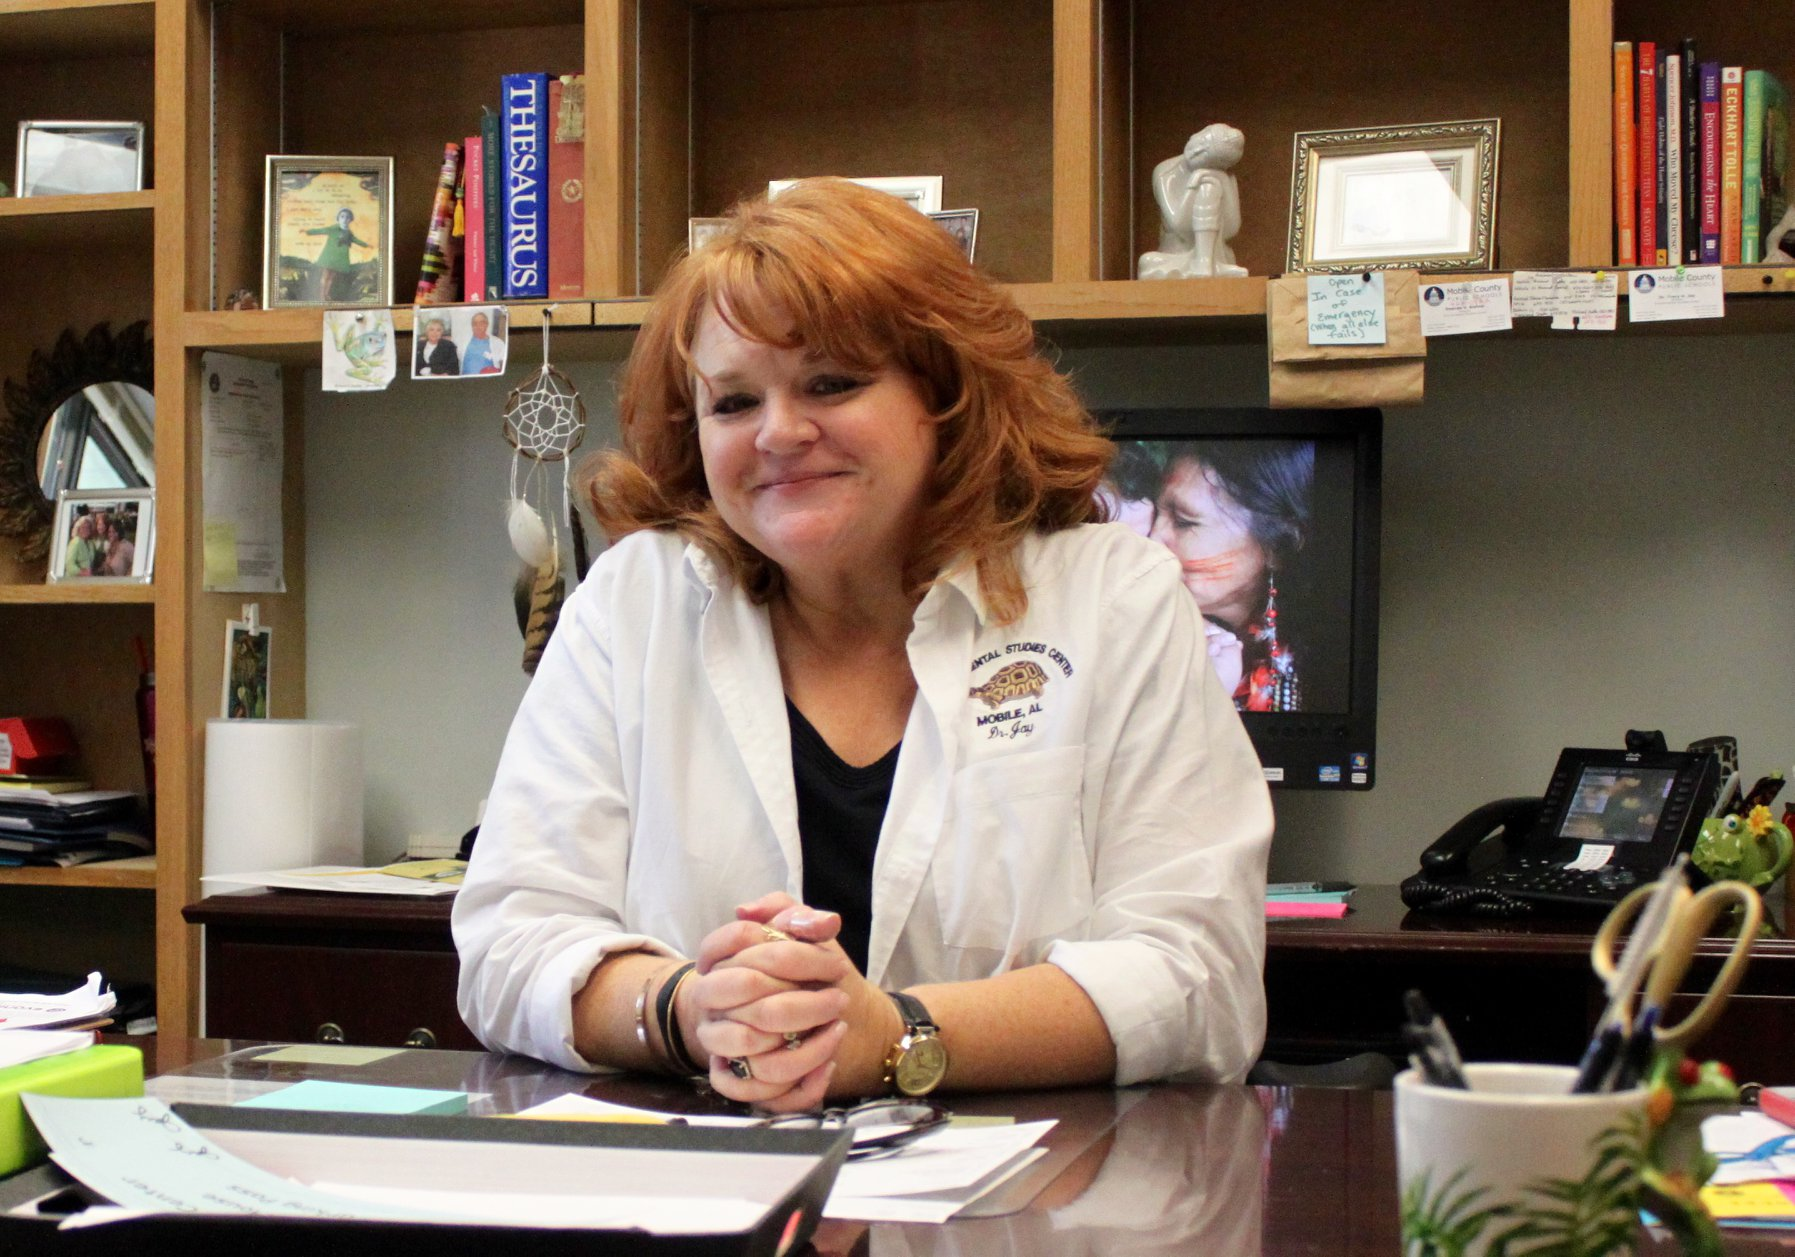 Dr. Jay at her desk